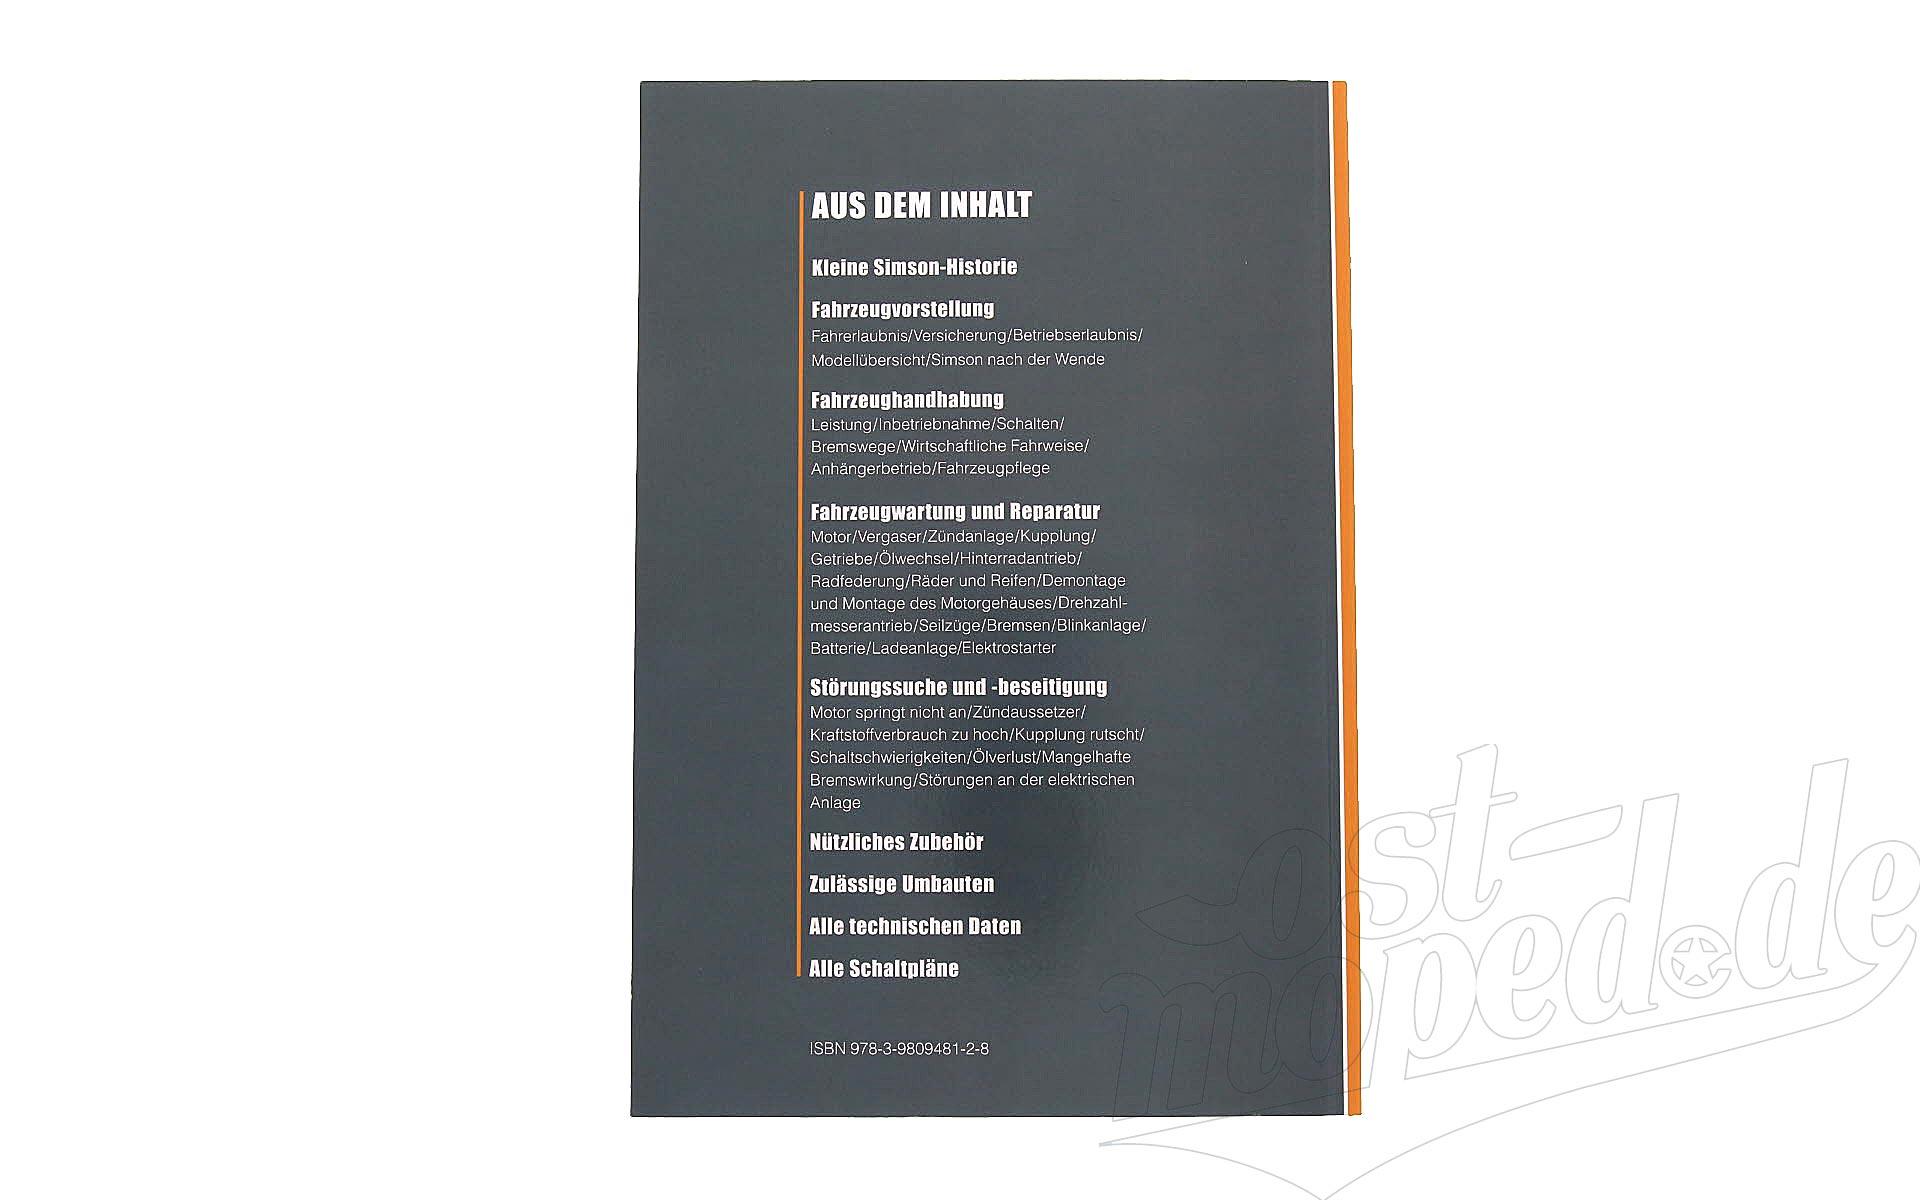 Beste Schaltplan Buch Fotos - Die Besten Elektrischen Schaltplan ...